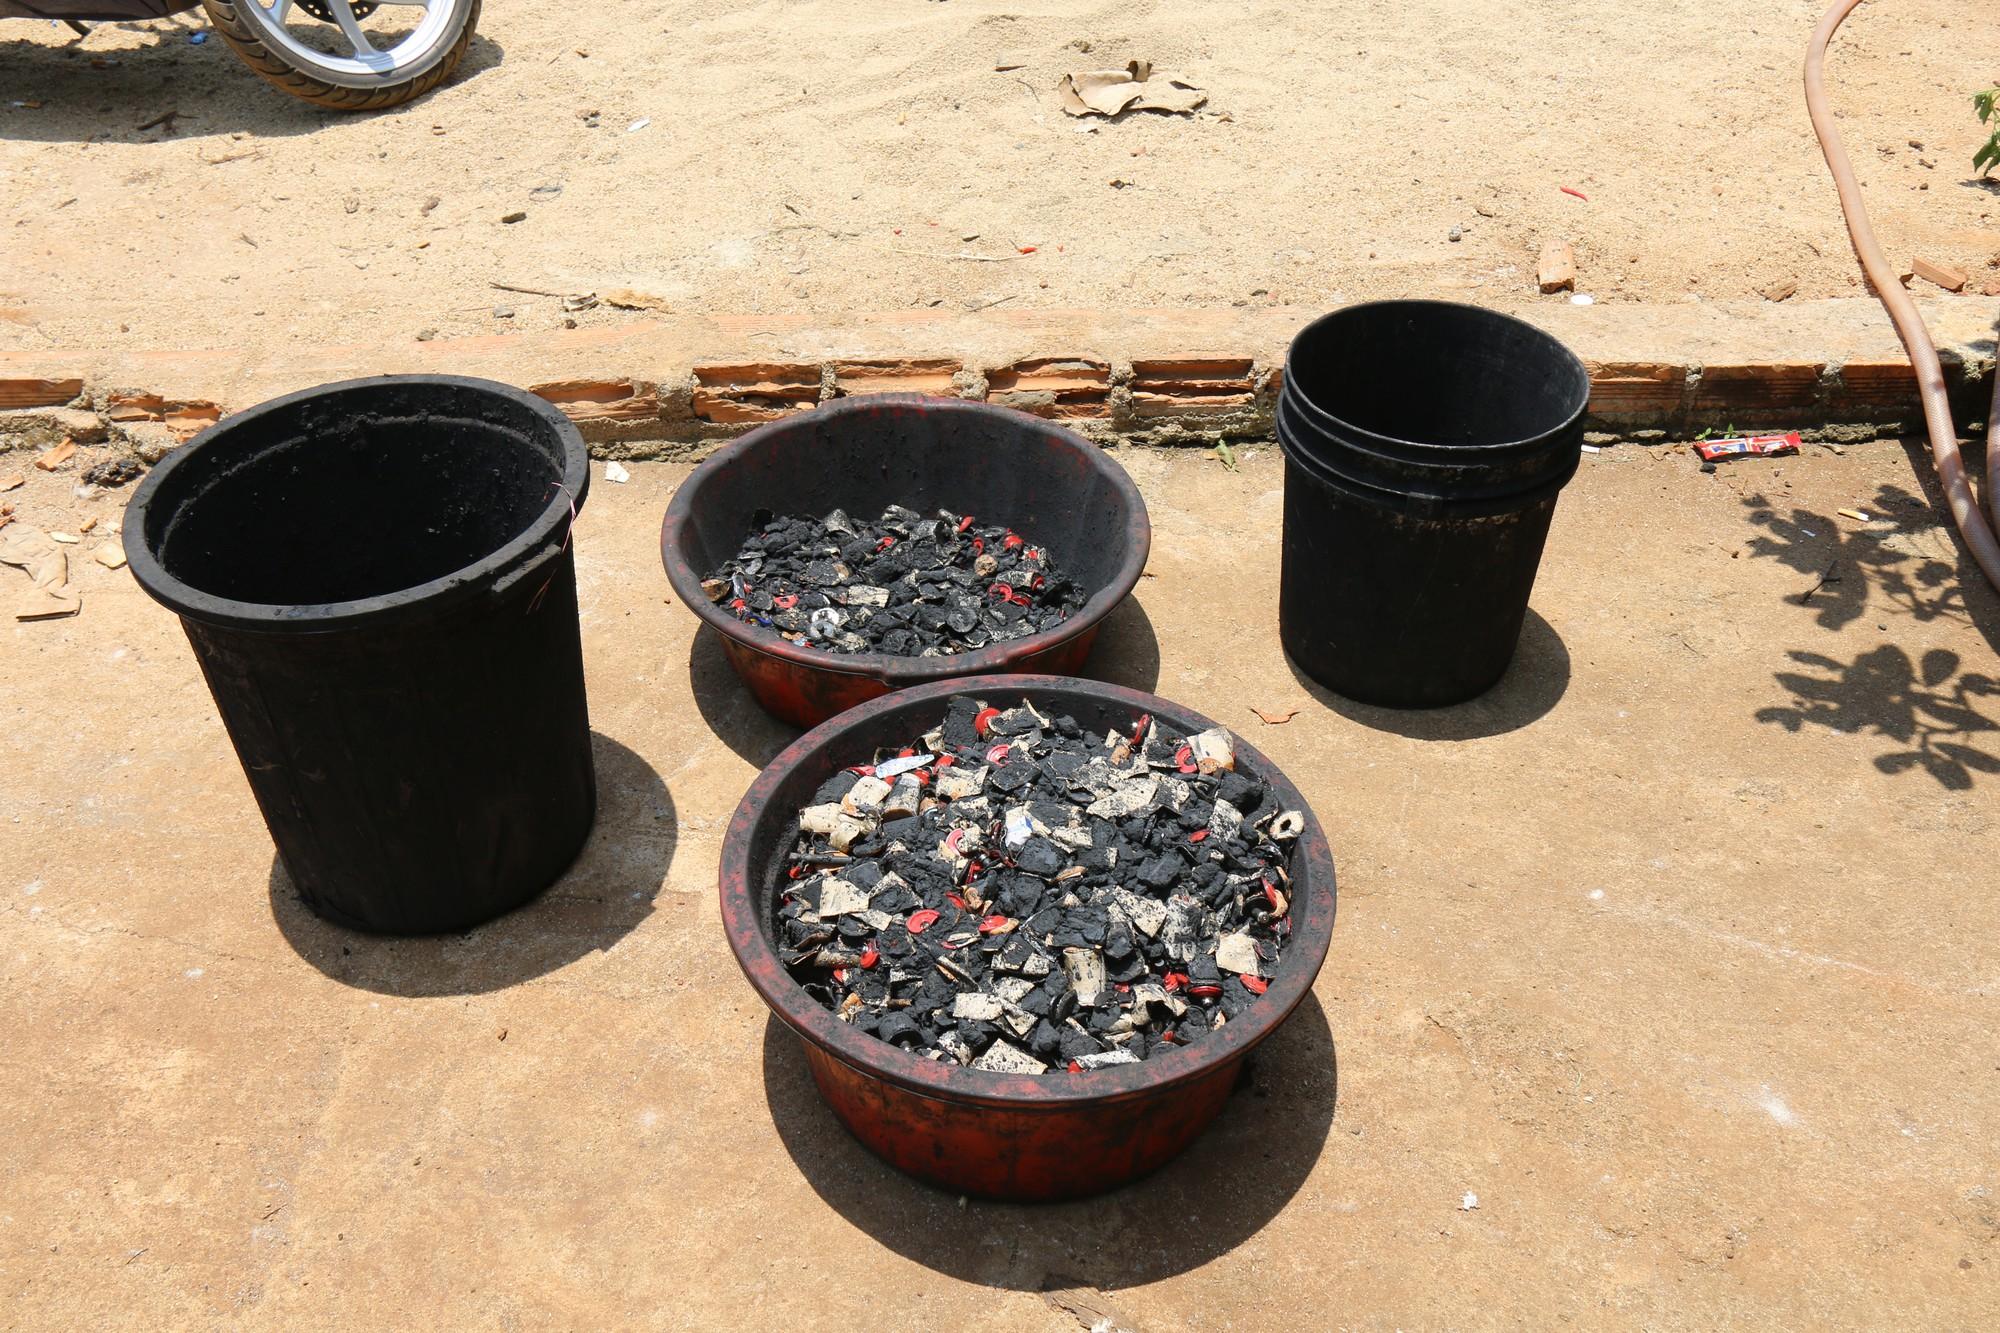 Ớn lạnh khi xem cách sản xuất cà phê nhuộm than pin-12